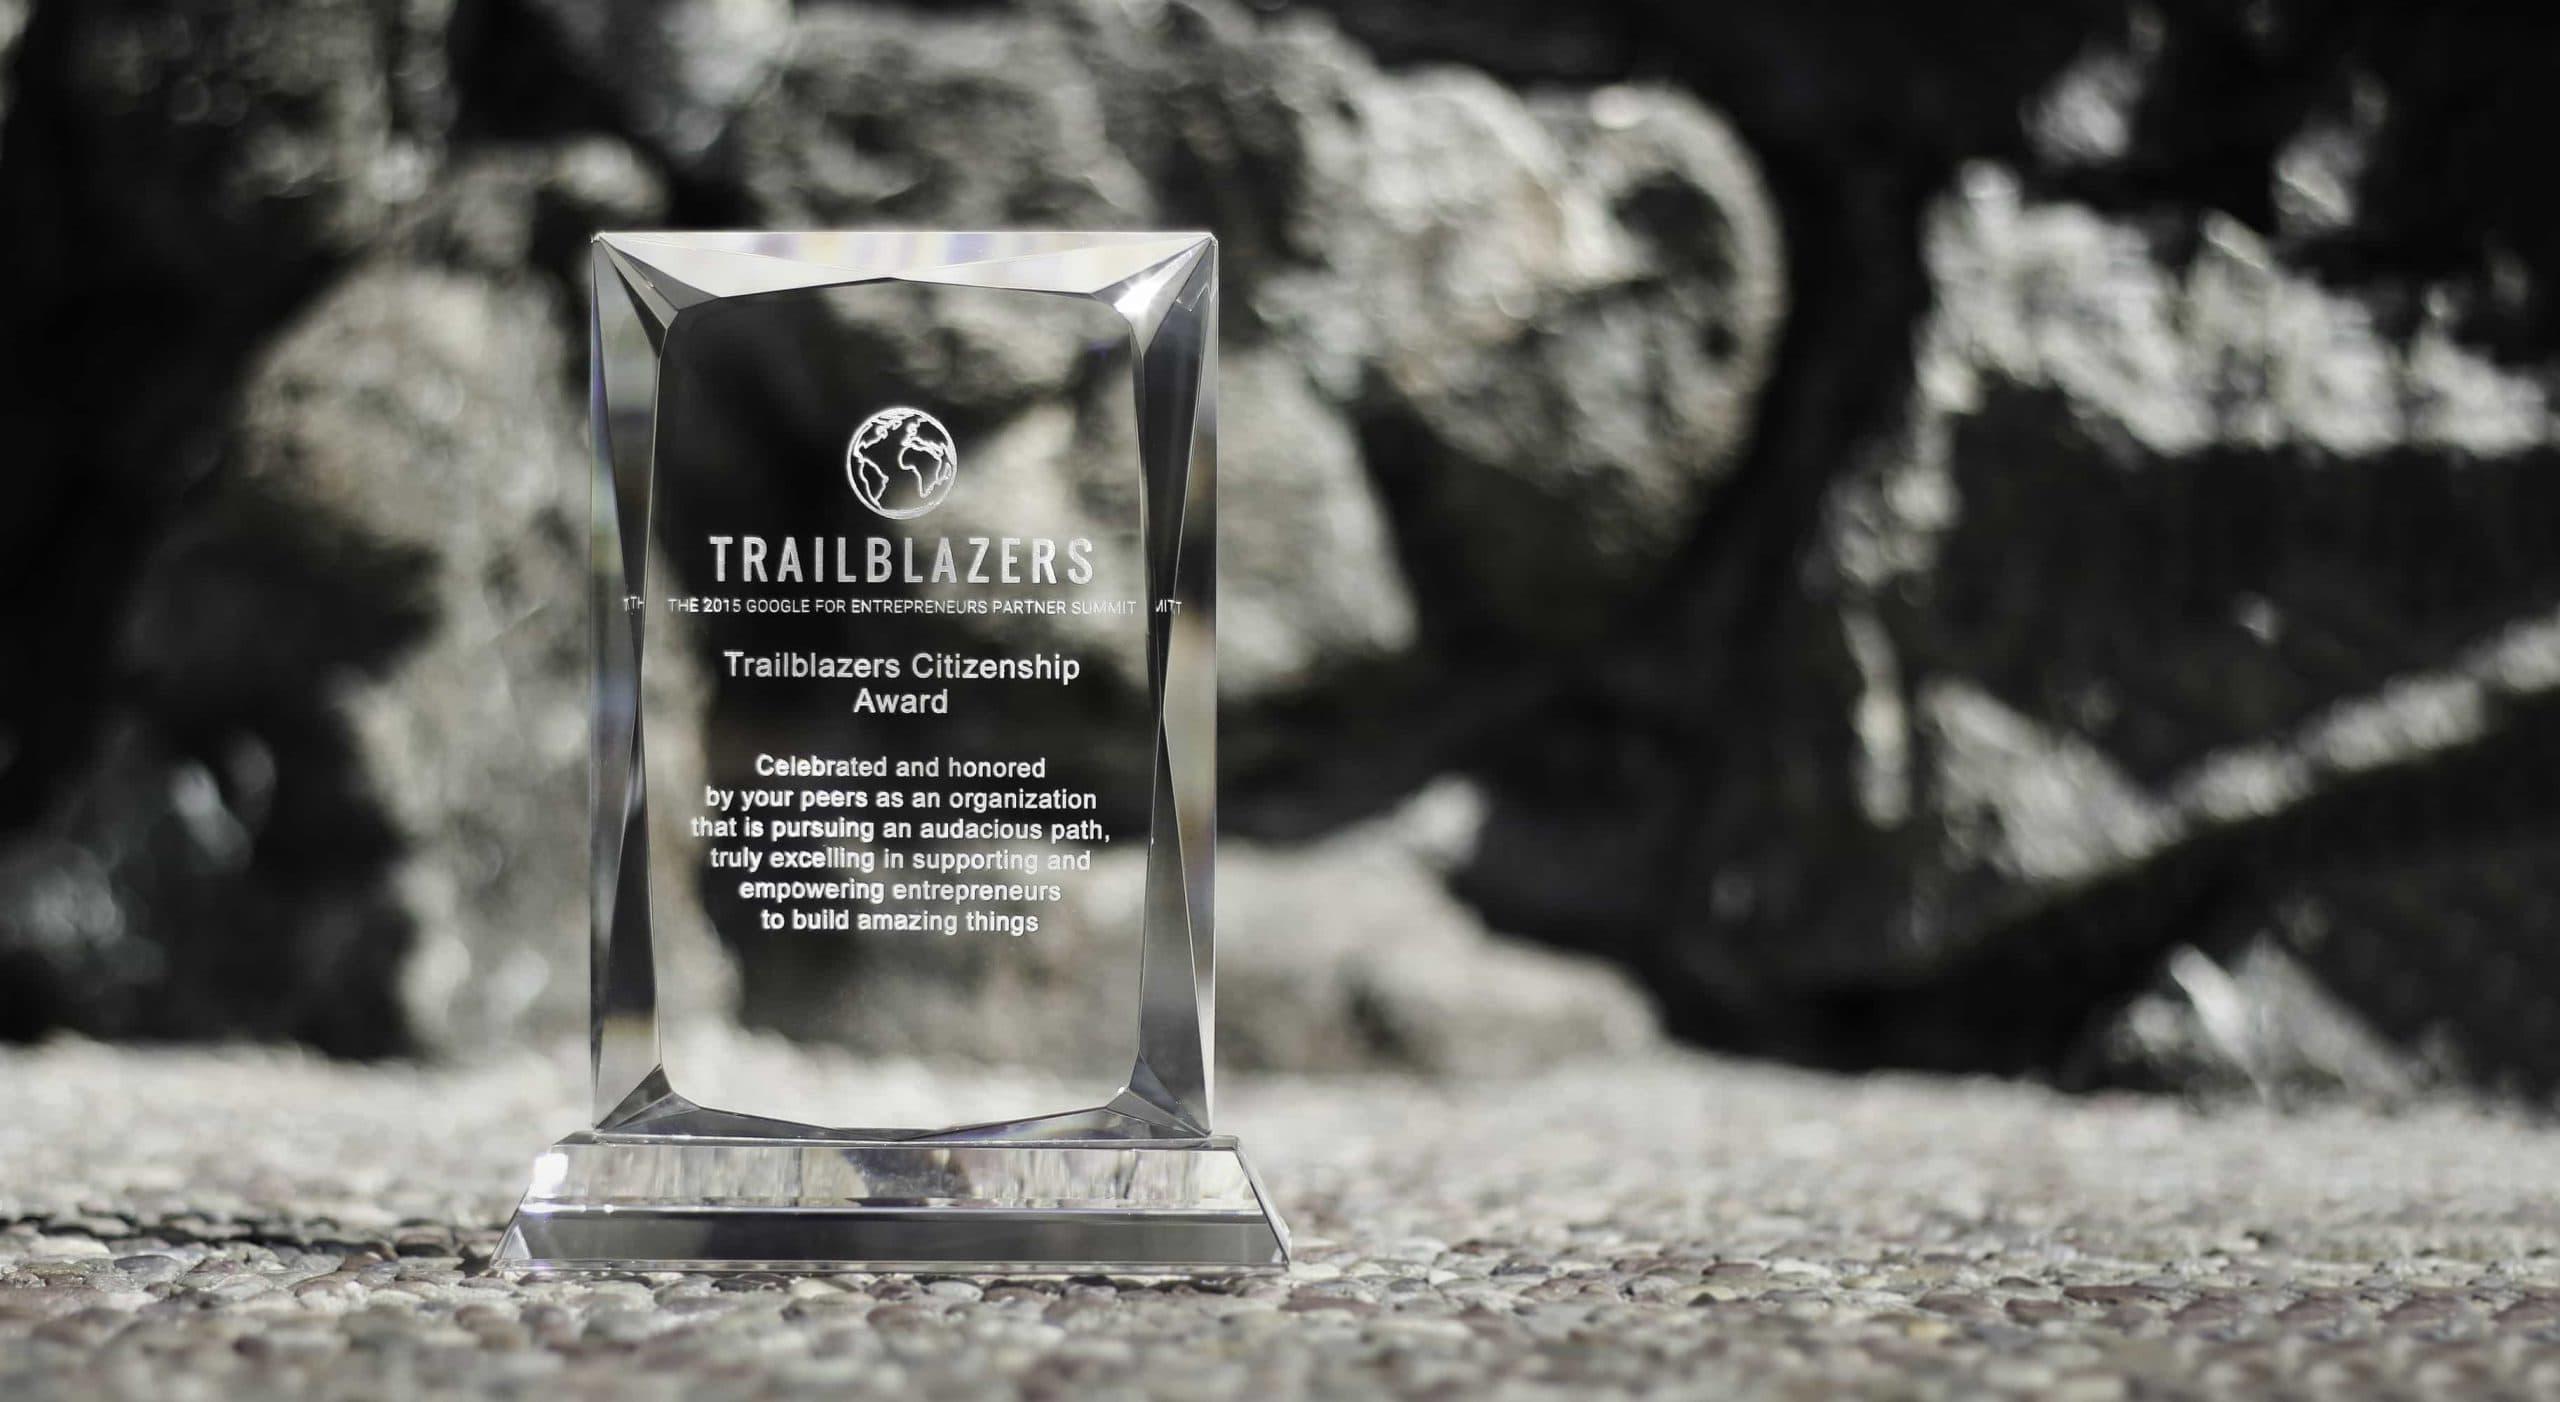 Award x Trailblazers